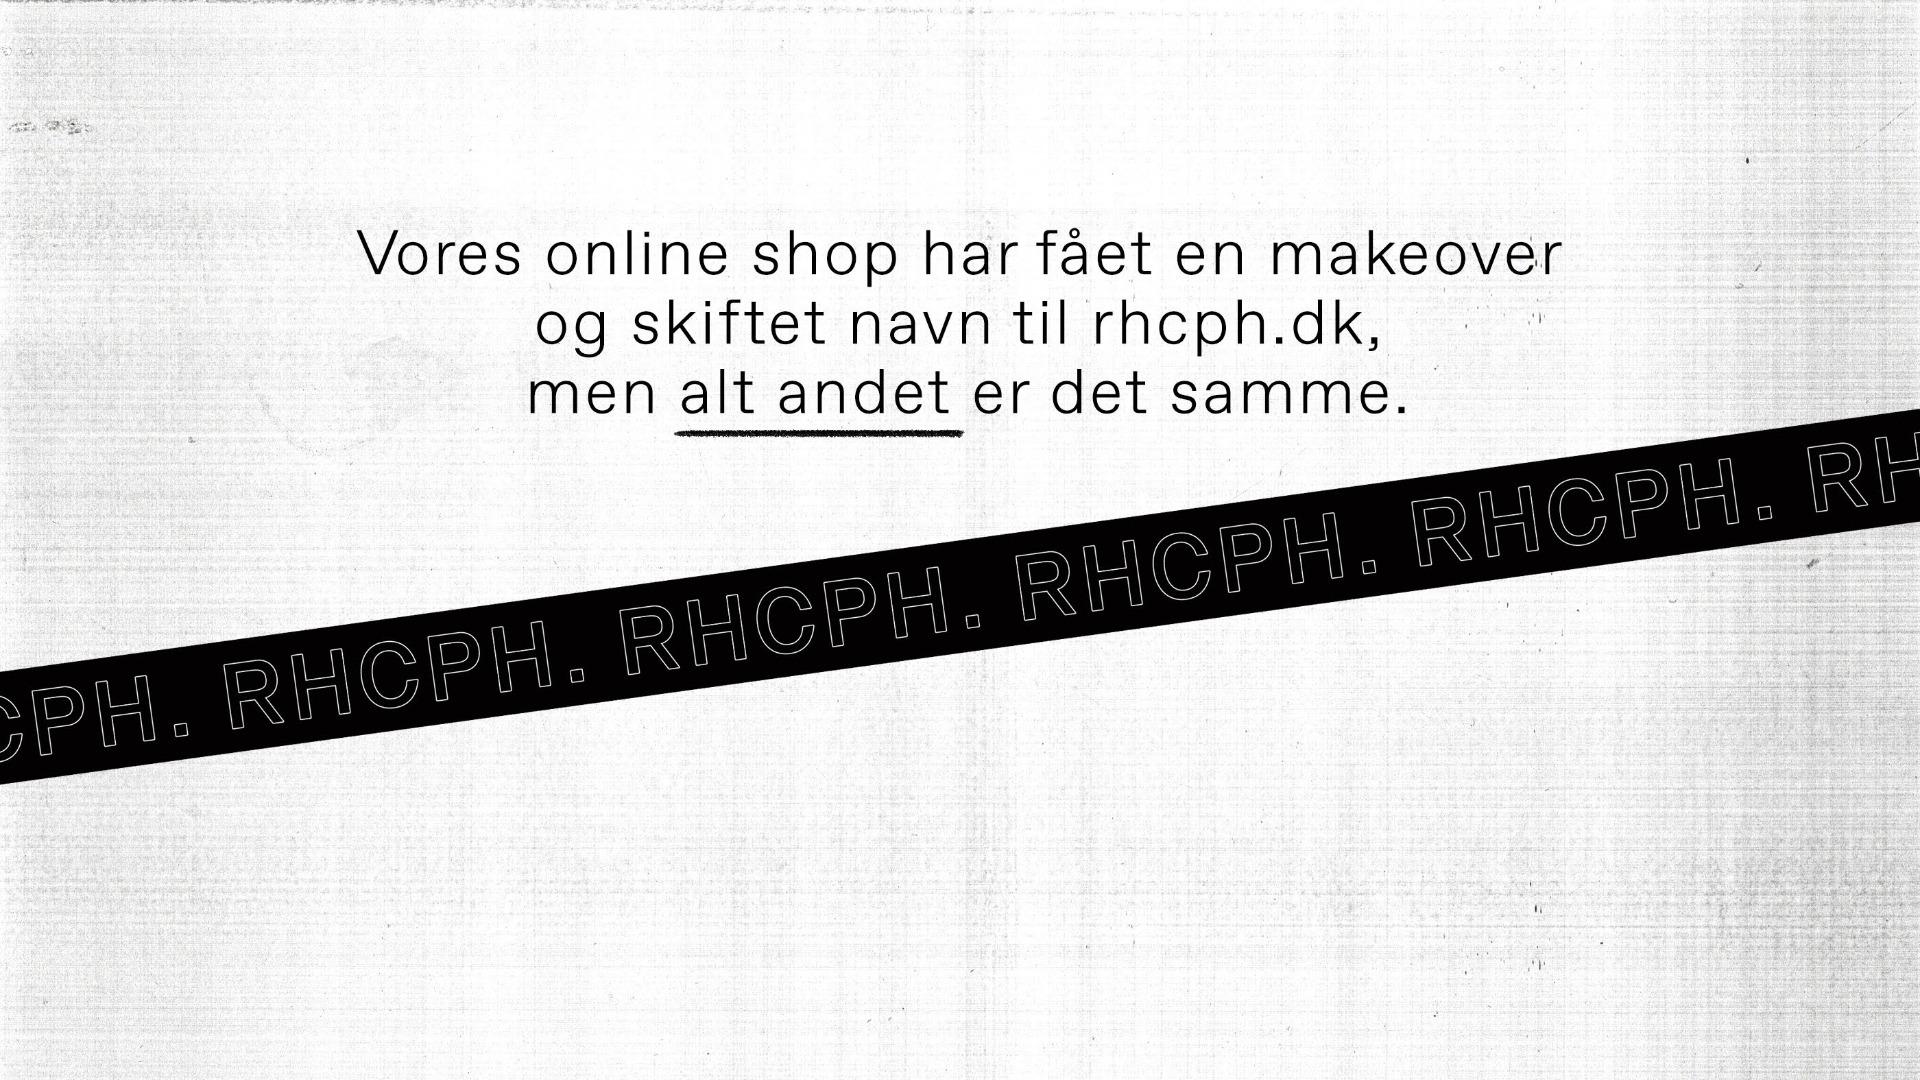 Velkommen til RHCPH.